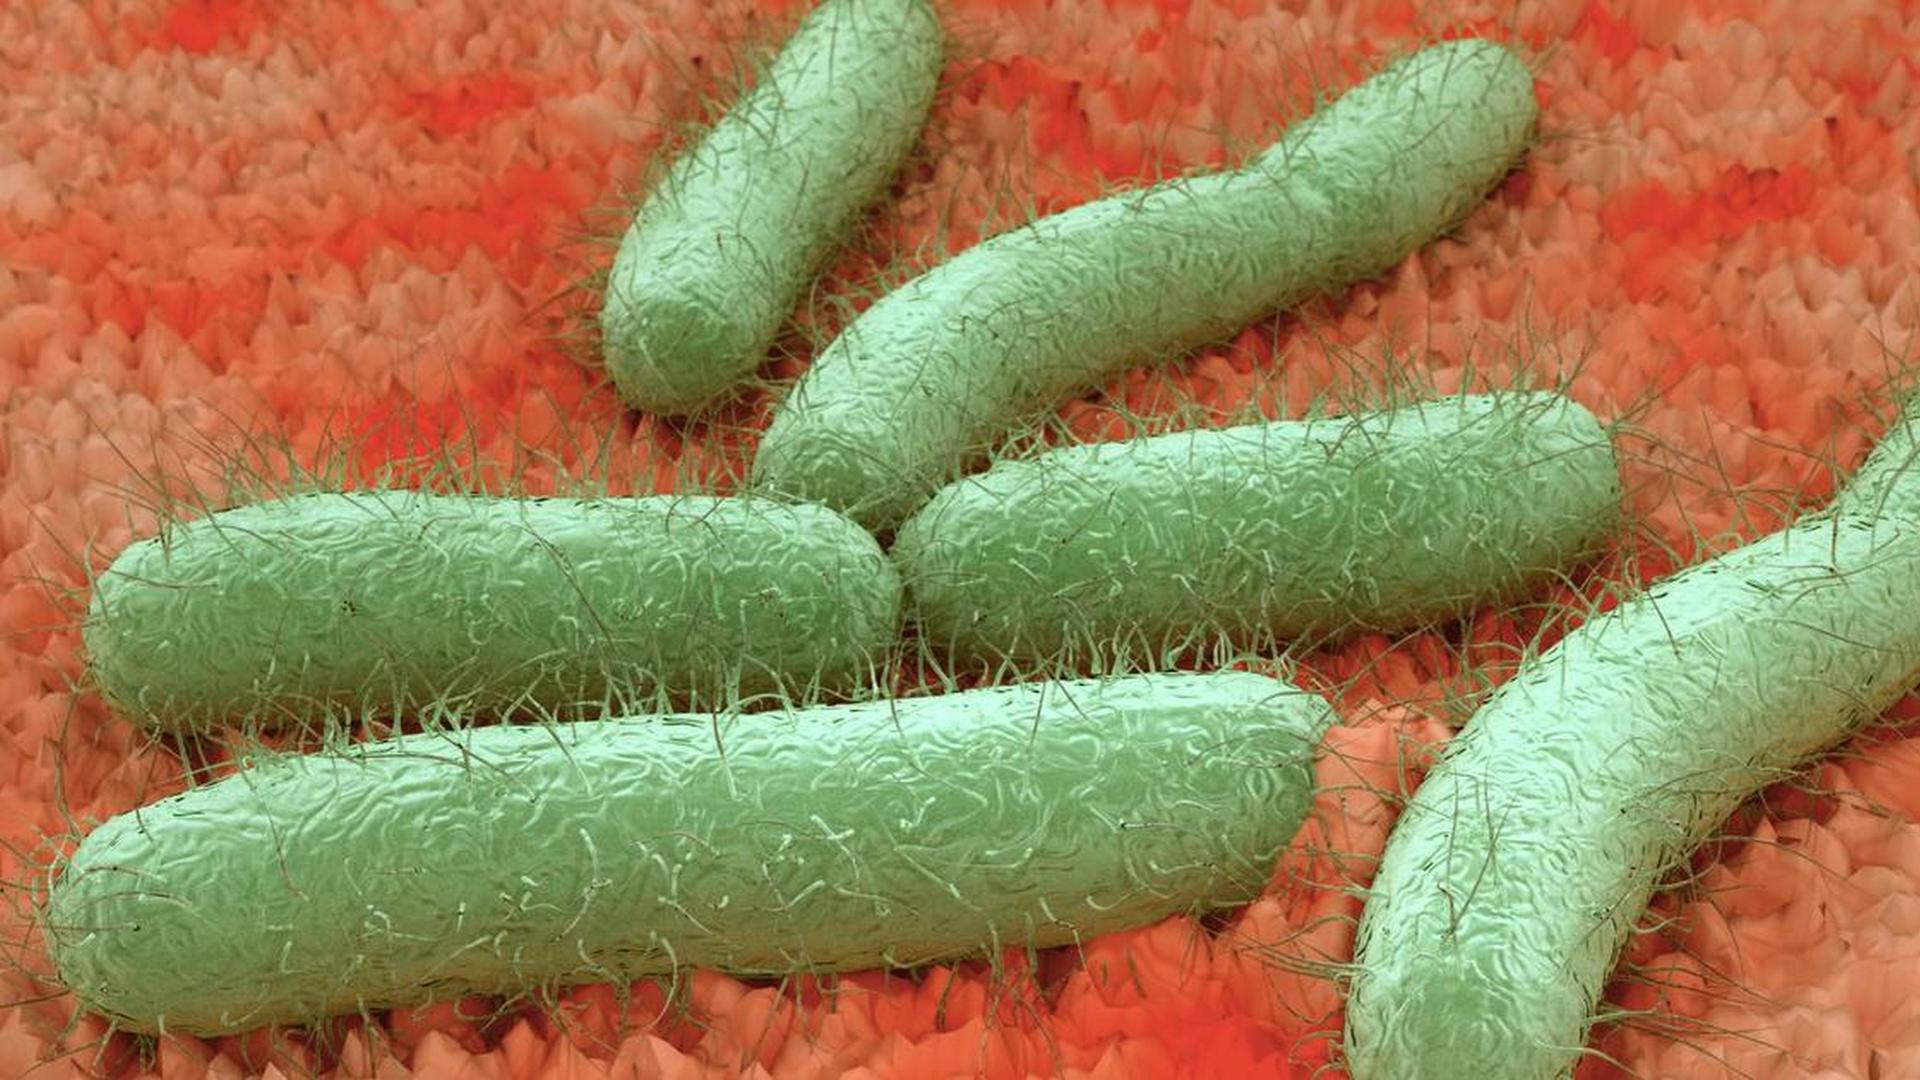 Ziekten bij roofvogels en uilen - Escherichia coli (E.coli) bacterie